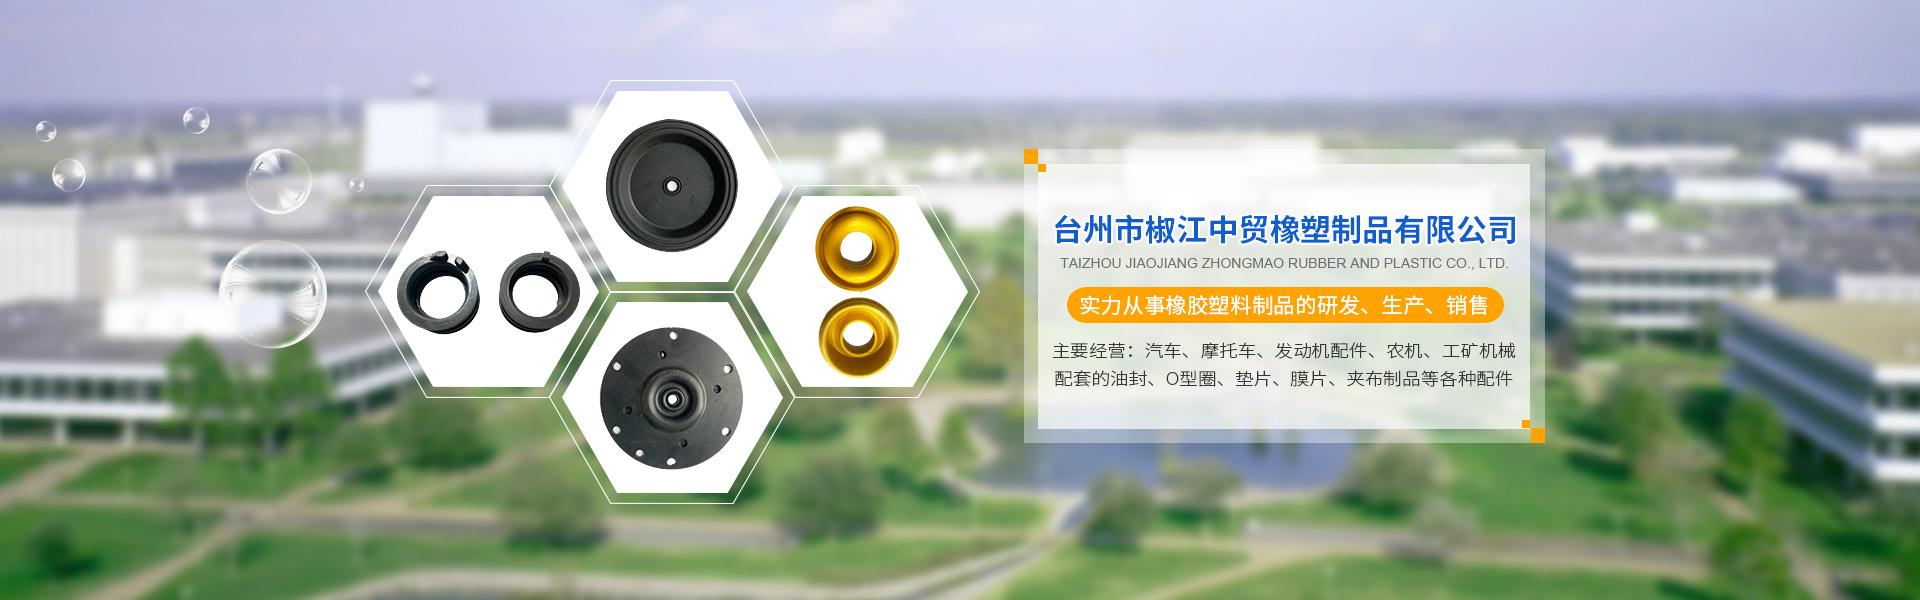 臺州市椒江中貿橡塑制品有限公司